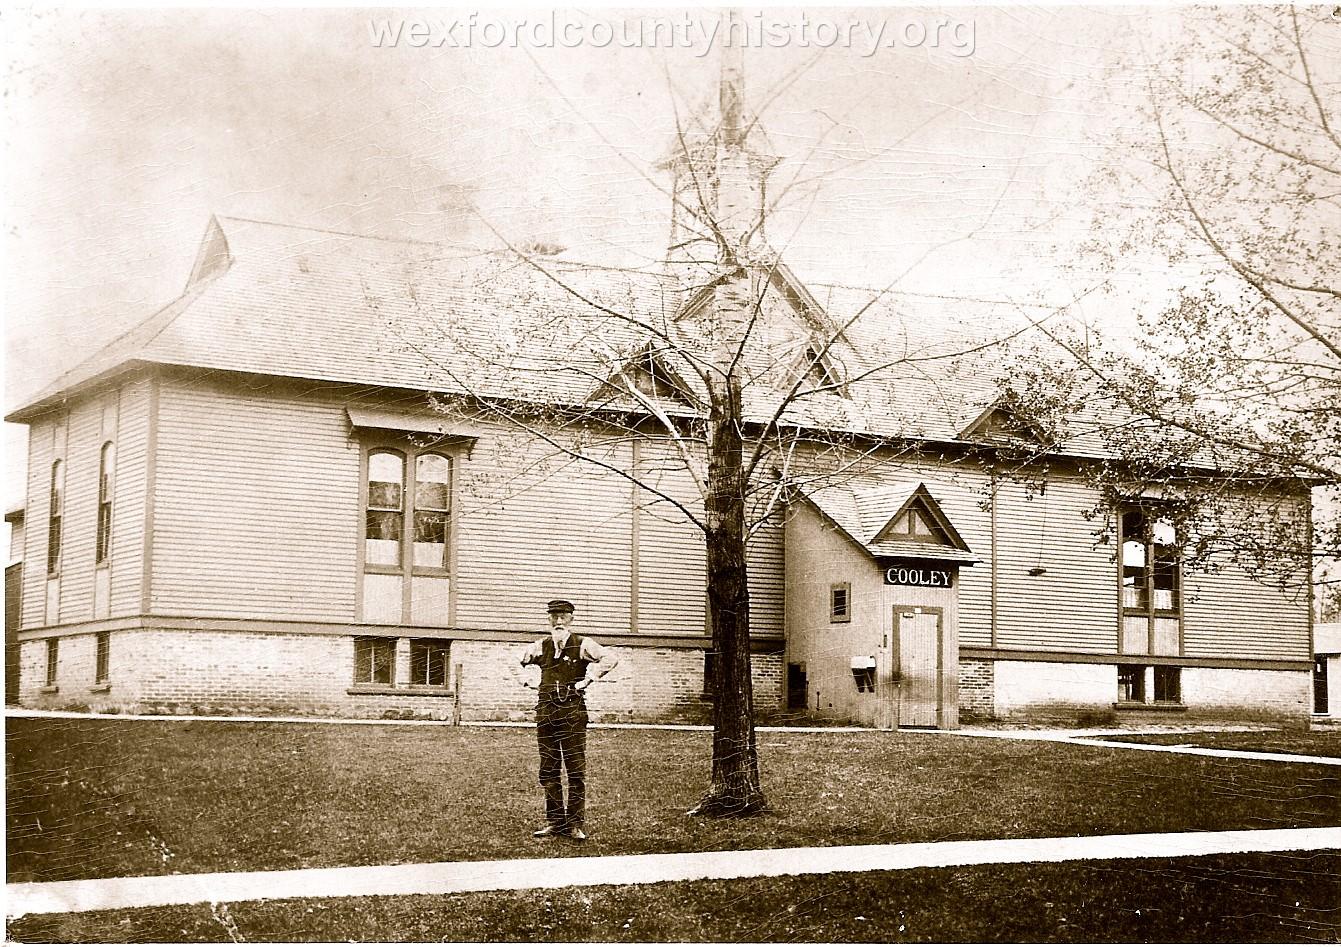 Old Cooley School (Fourth Ward)